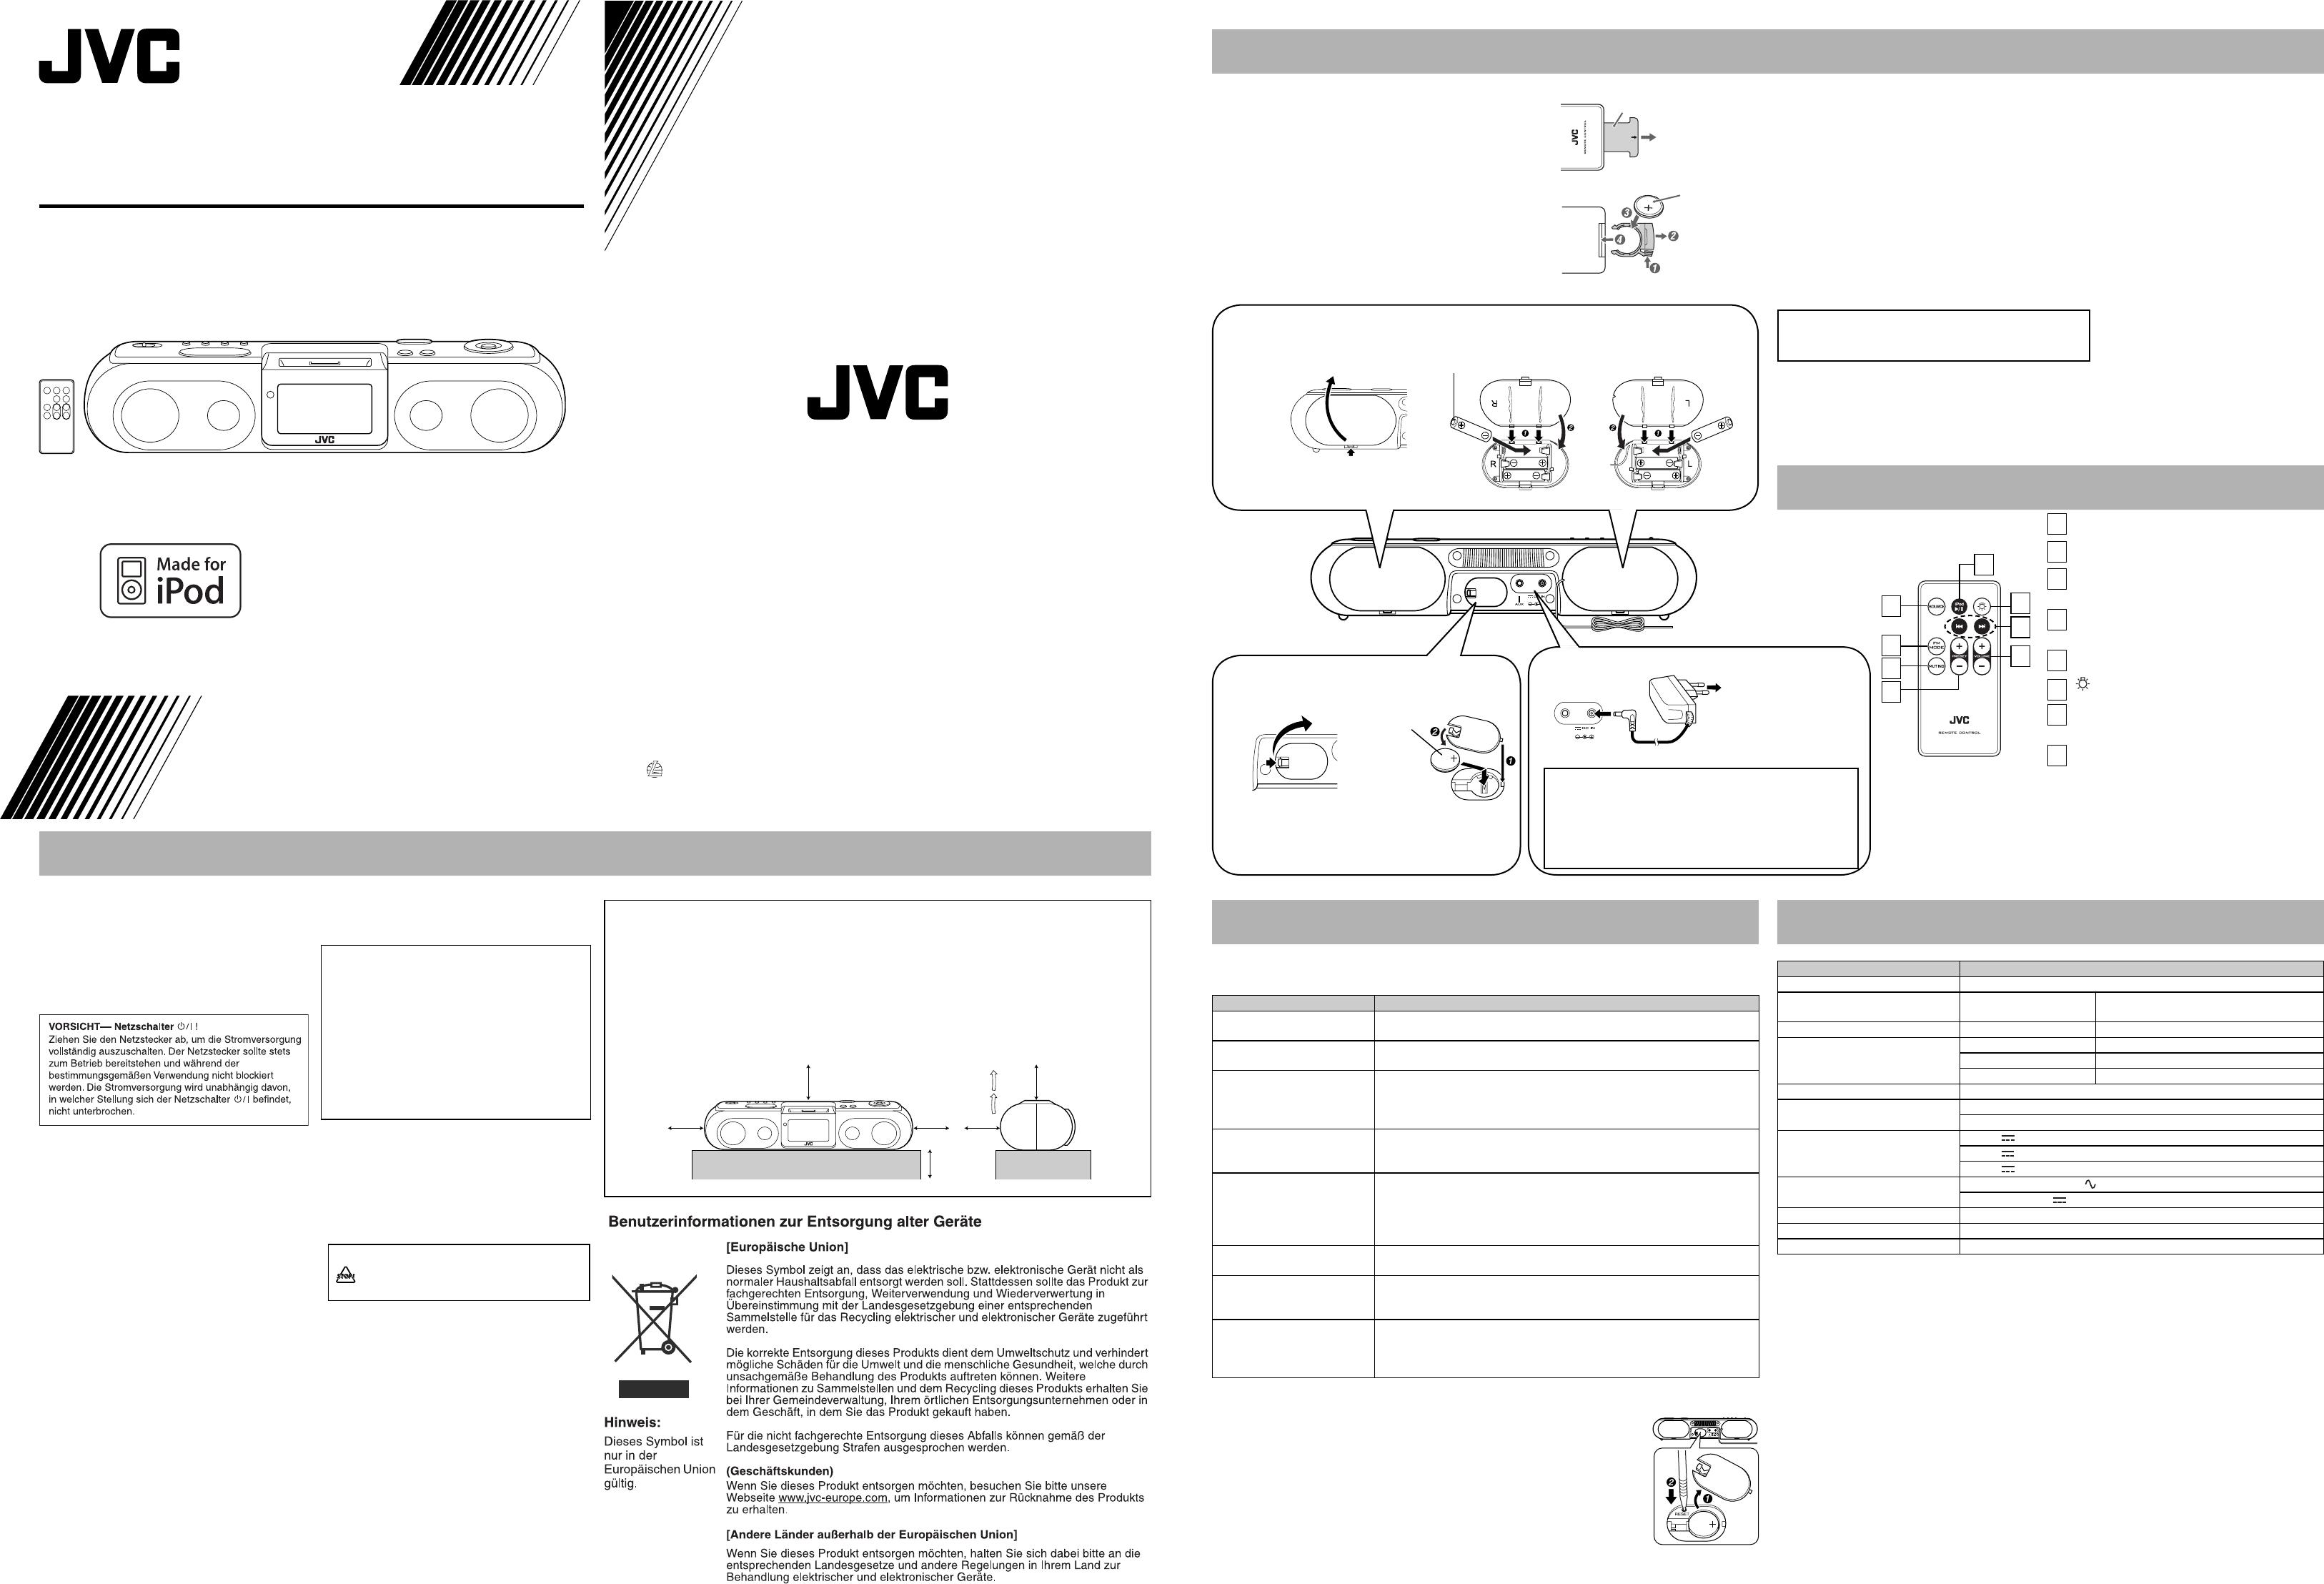 Bedienungsanleitung JVC RA-P11 (Seite 1 von 2) (Deutsch)